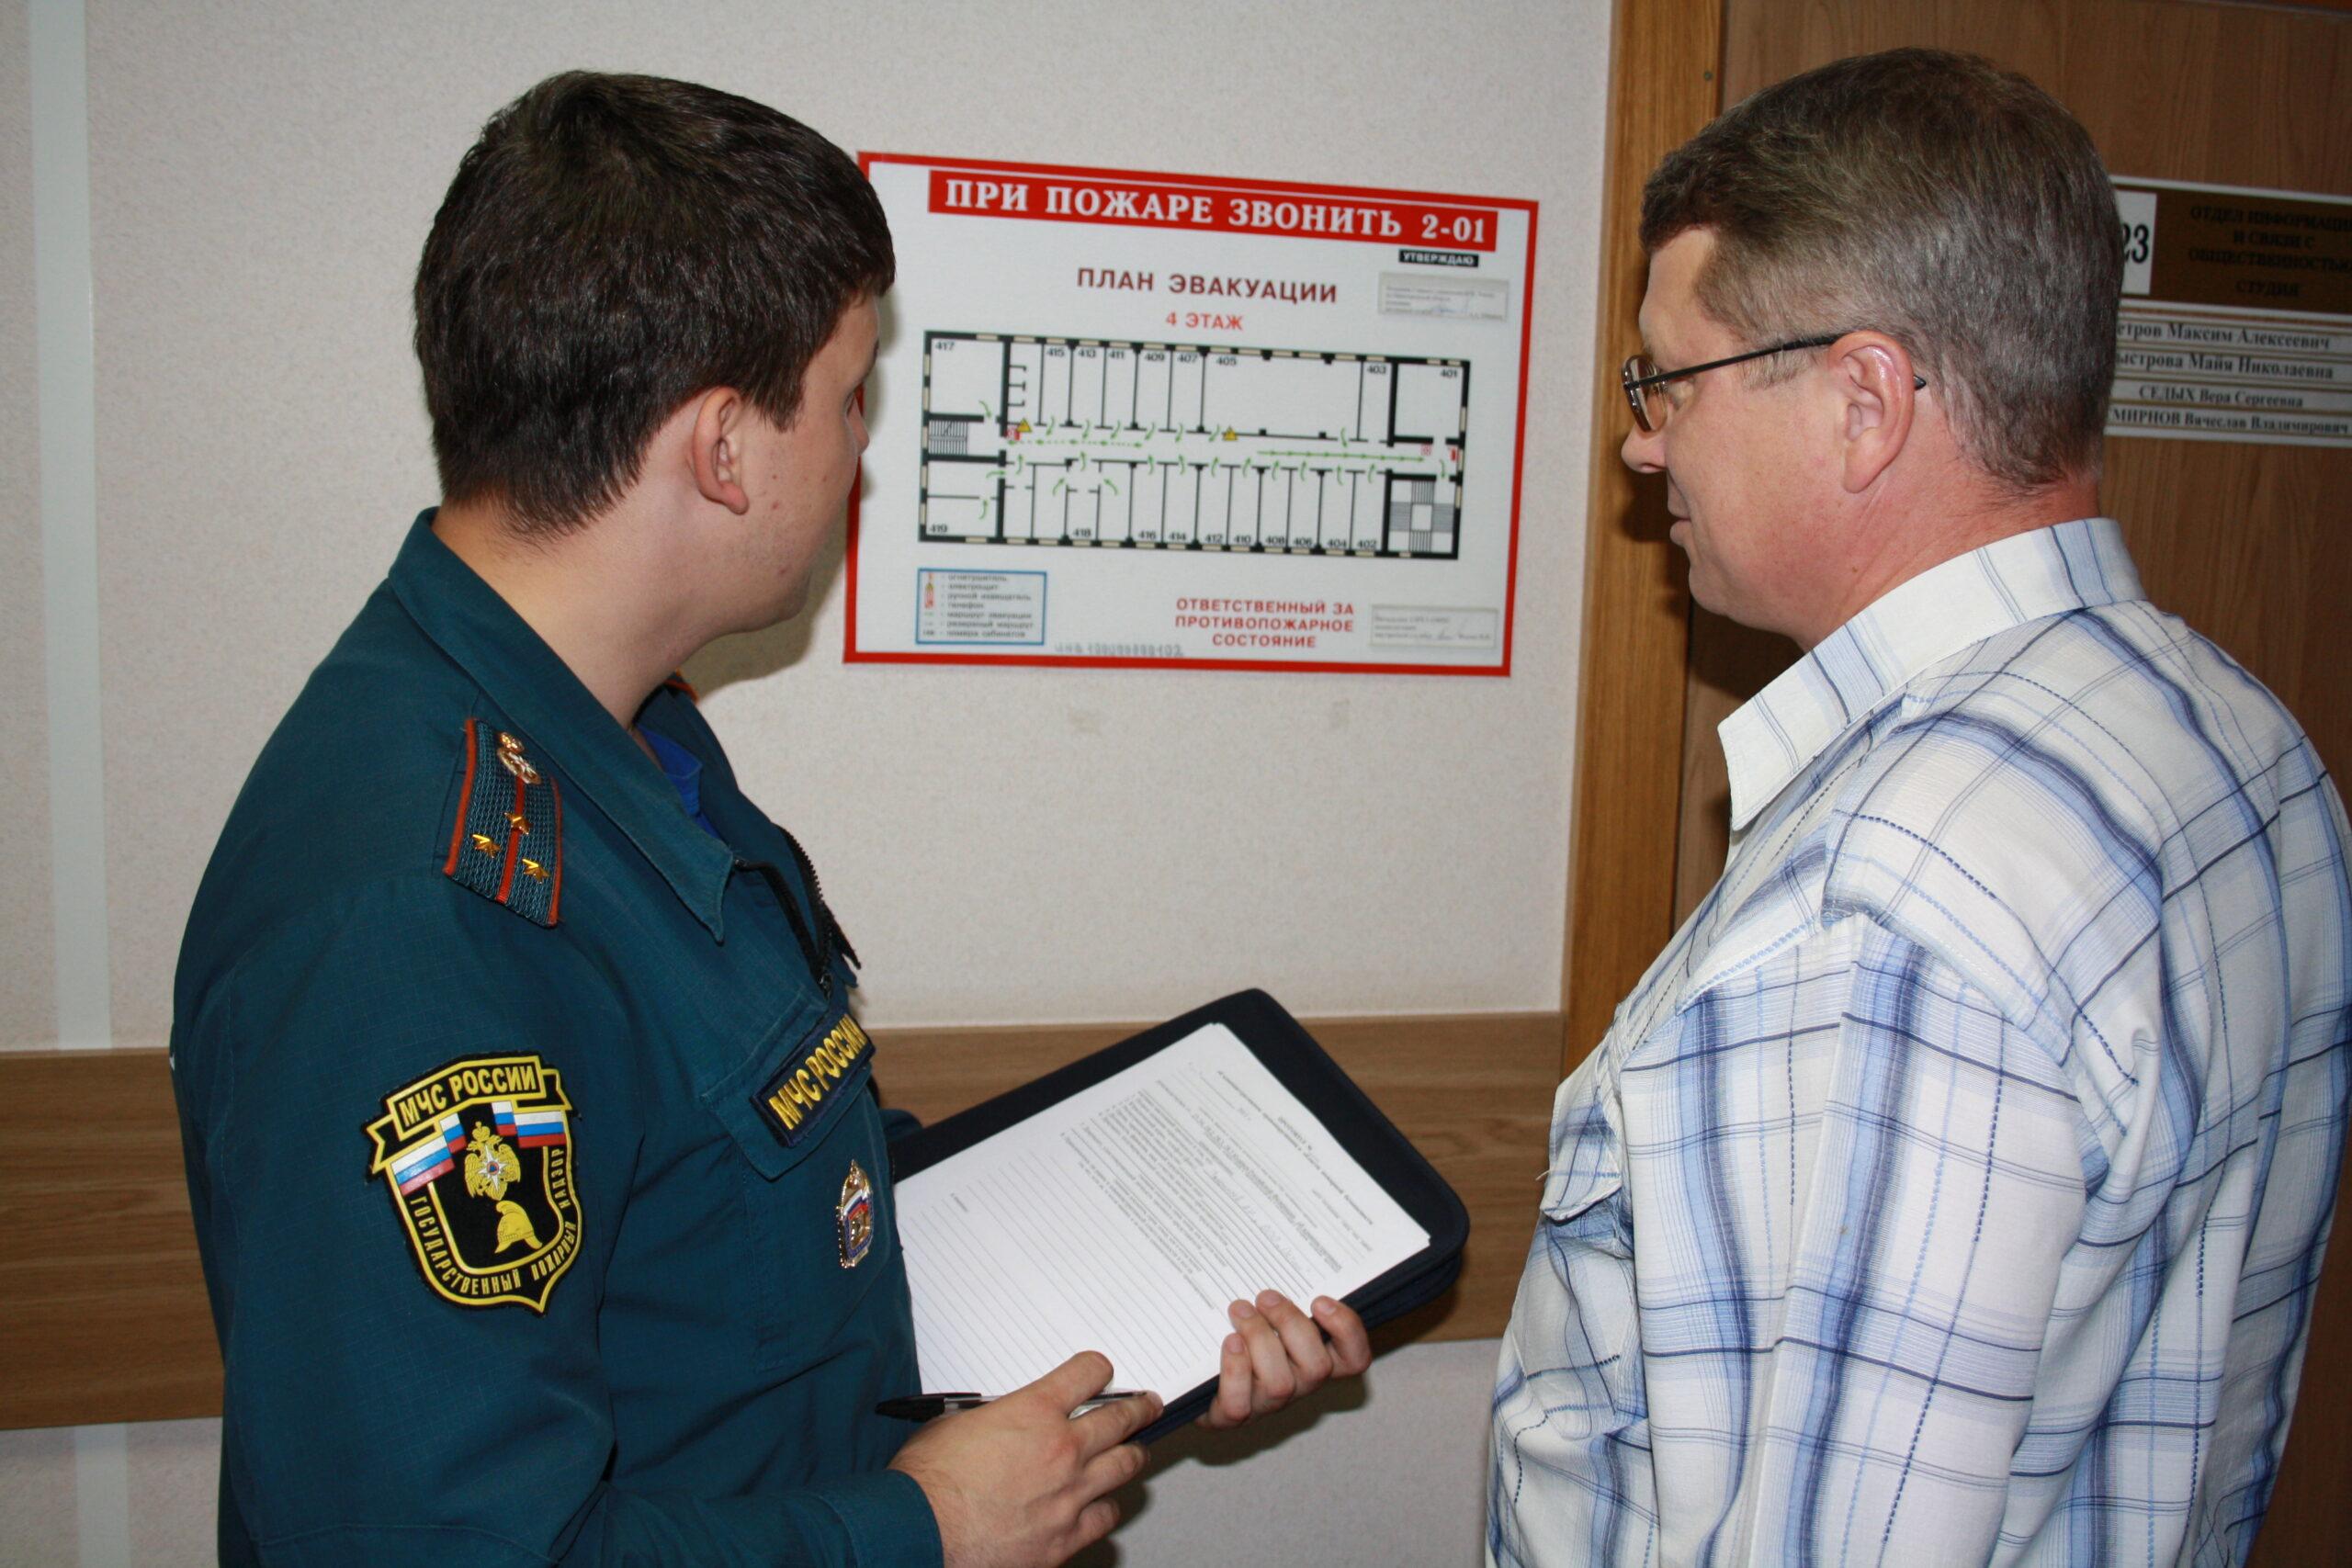 Проверять наличие регламента, журналов и других документов по пожарной безопасности будут инспекторы МЧС.